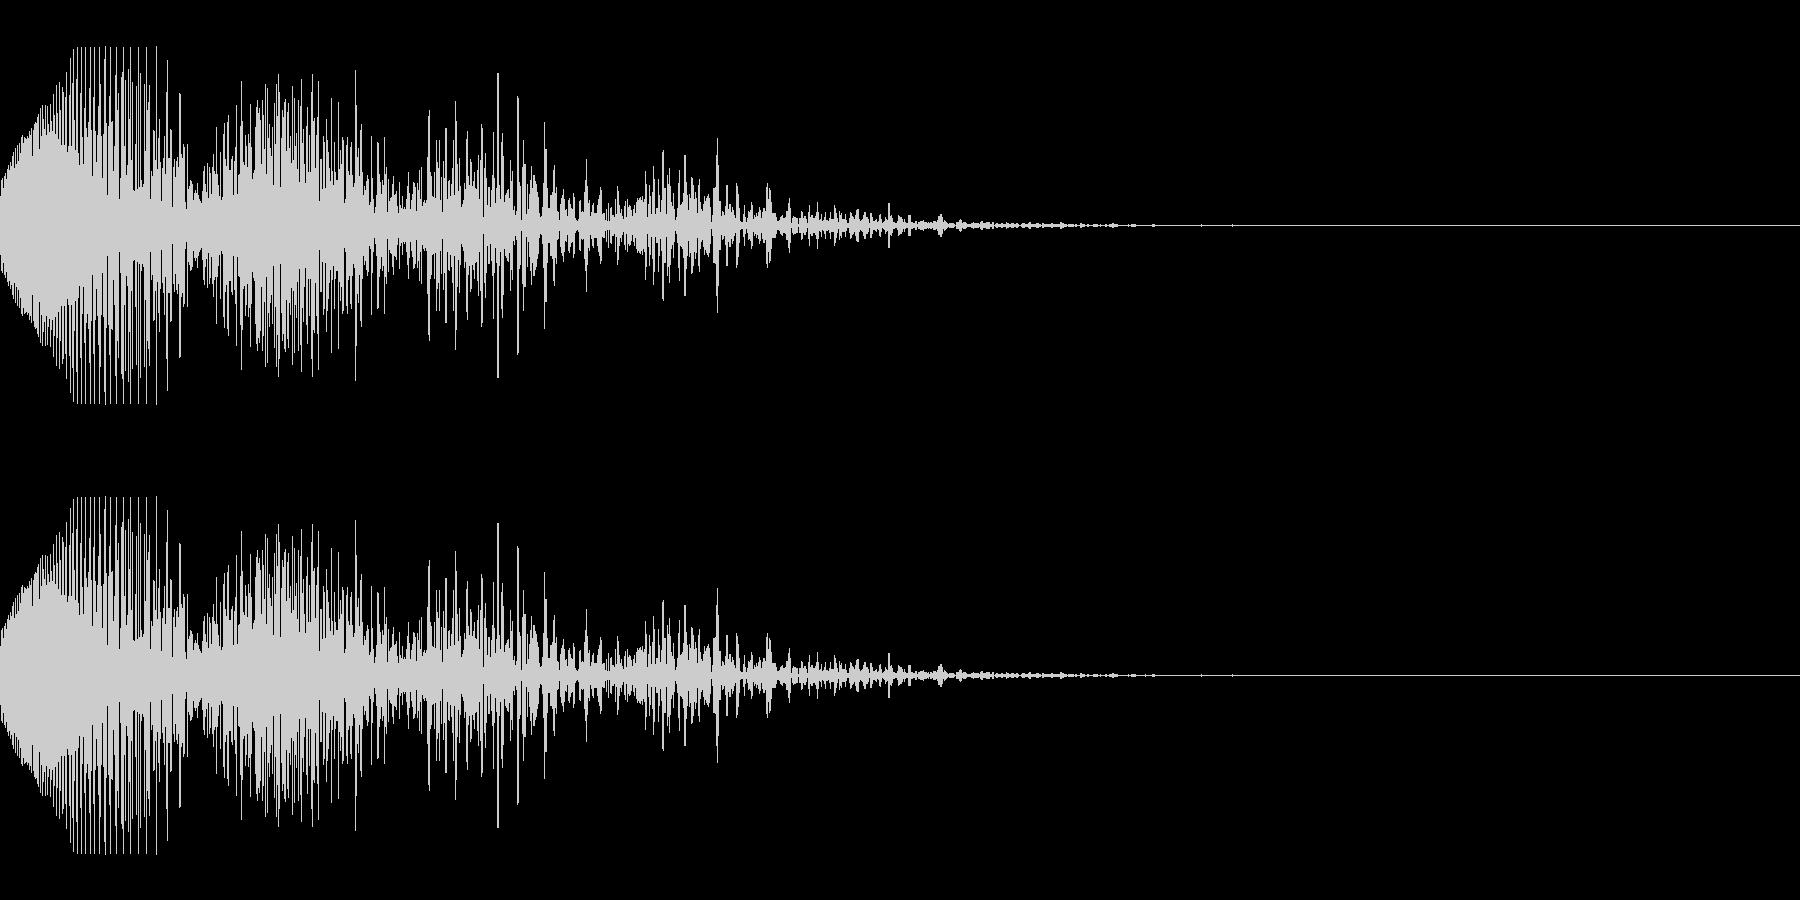 失敗・ミスをしたときの効果音_03の未再生の波形